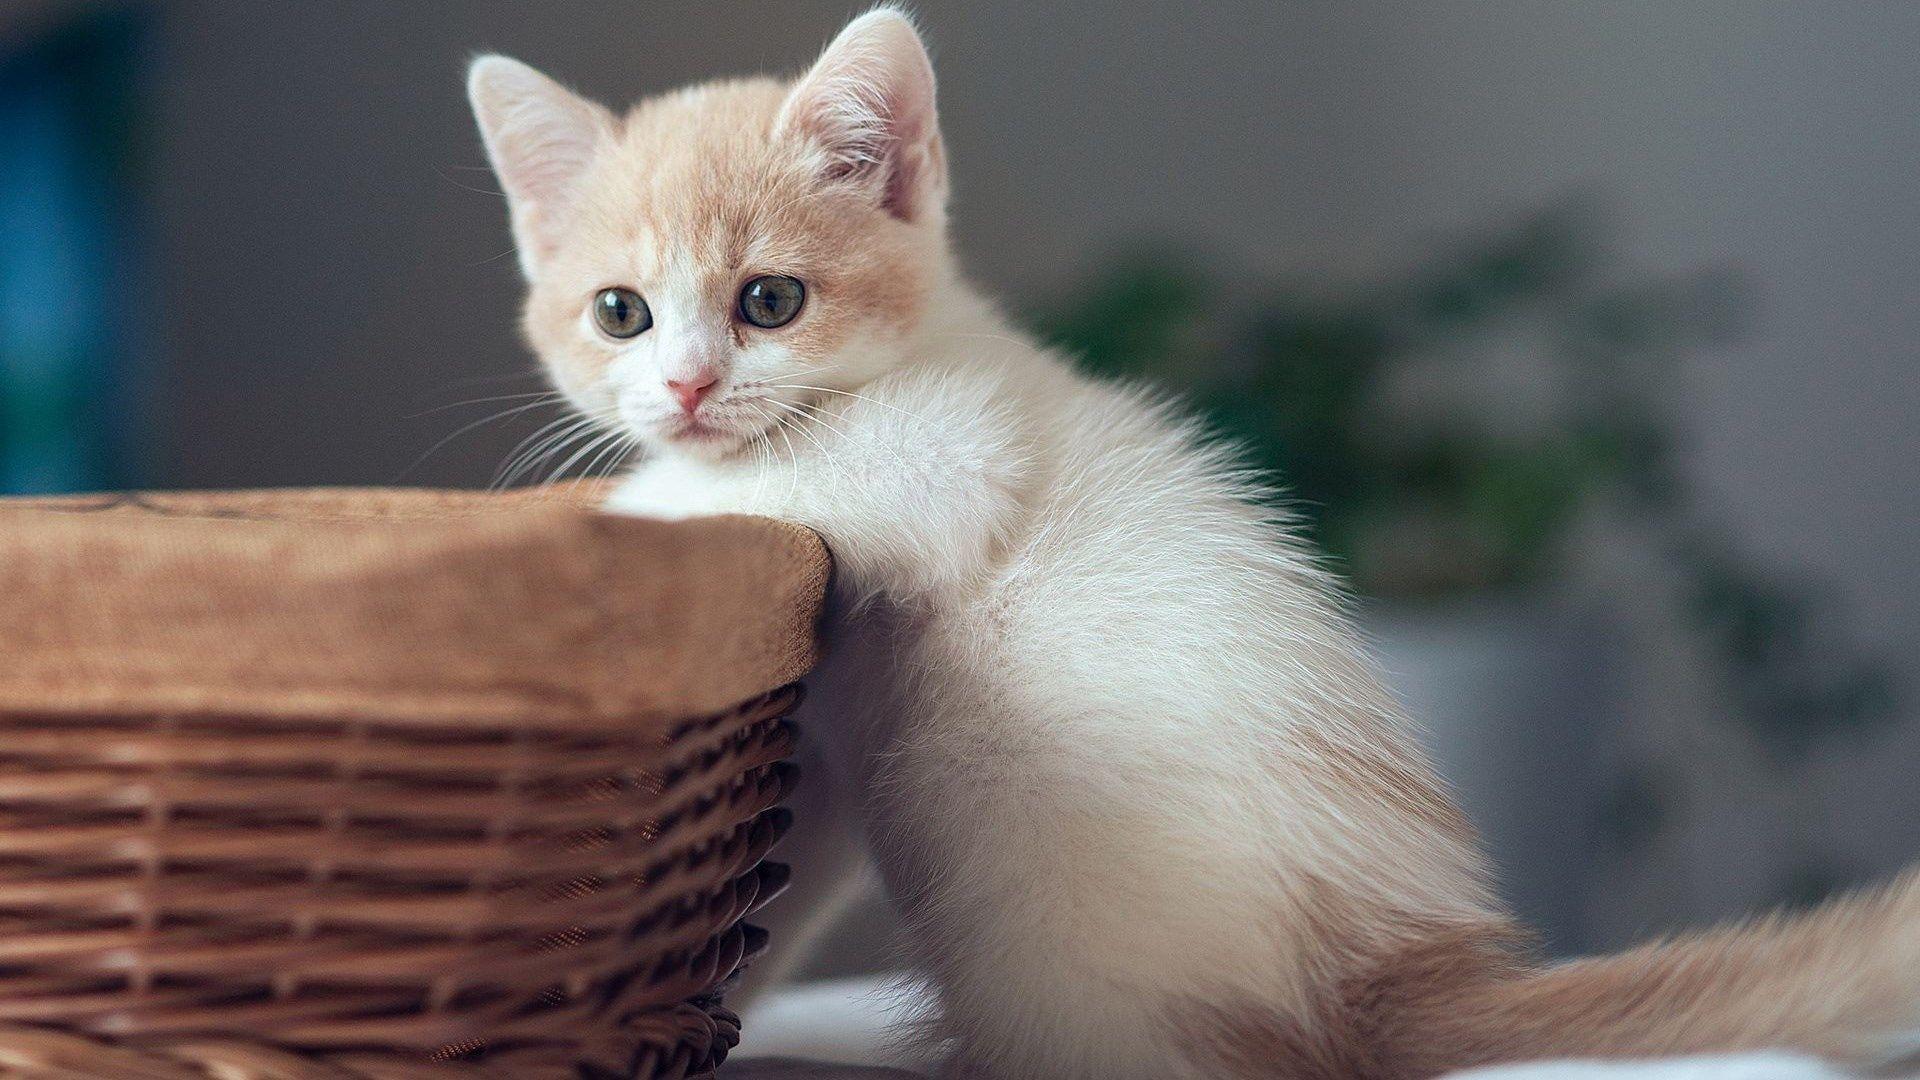 Kitten Computer Wallpaper Backgrounds Kittens Cutest Cute Animals I Love Cats